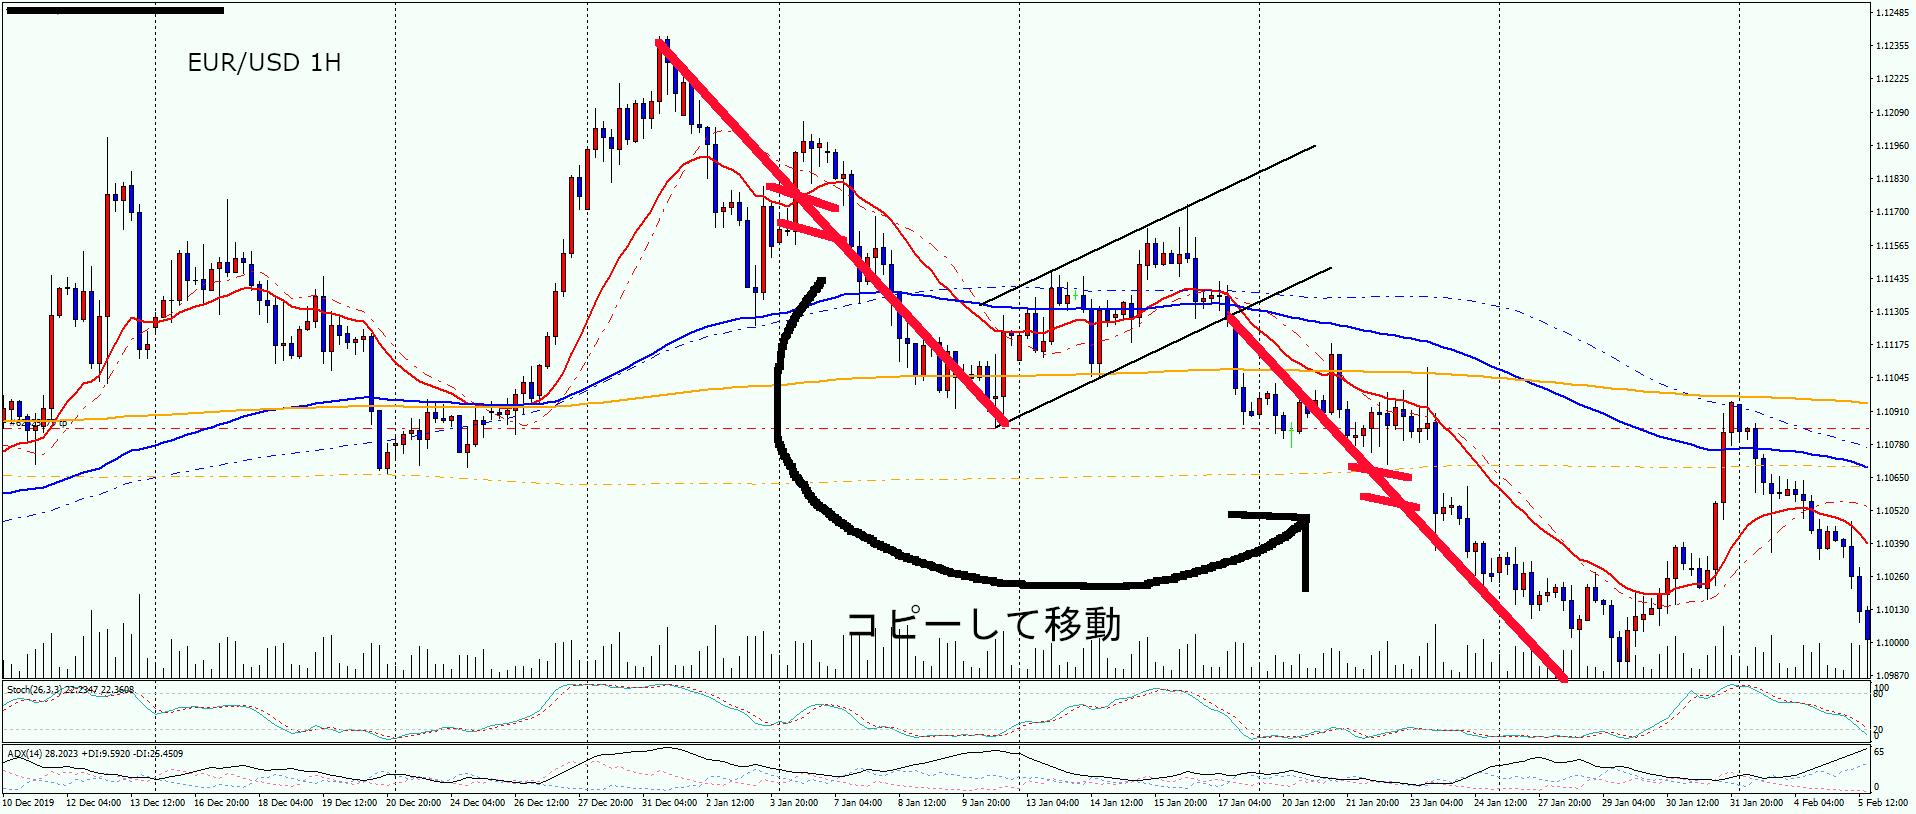 eur-usd-1h-Price-range-observation